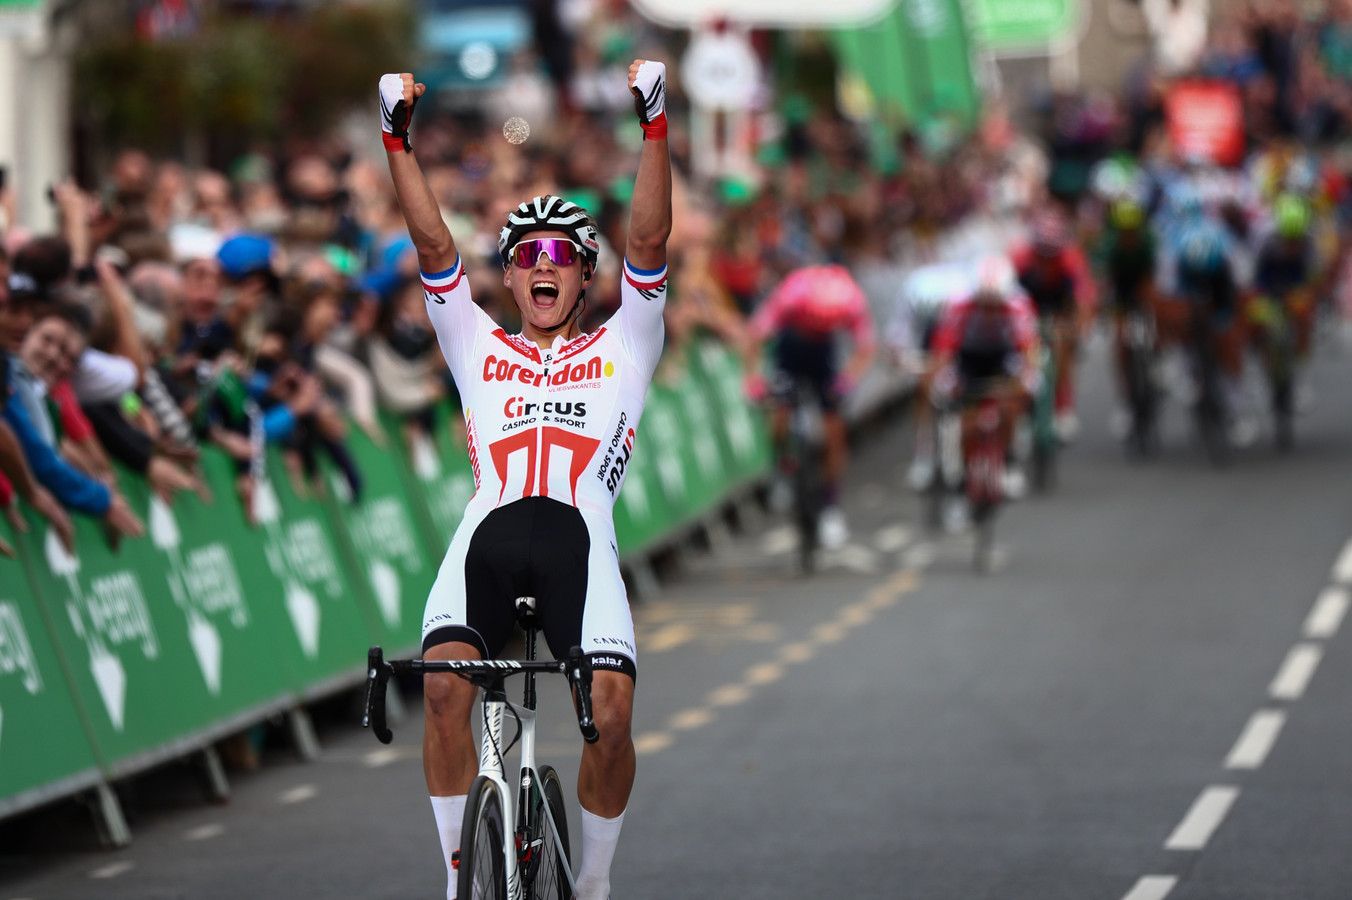 Mathieu van der Poel wint op imponerende wijze in Groot-Brittannië. Op de achtergrond kunnen nog een aantal renners net een plaatsje op de foto veroveren.